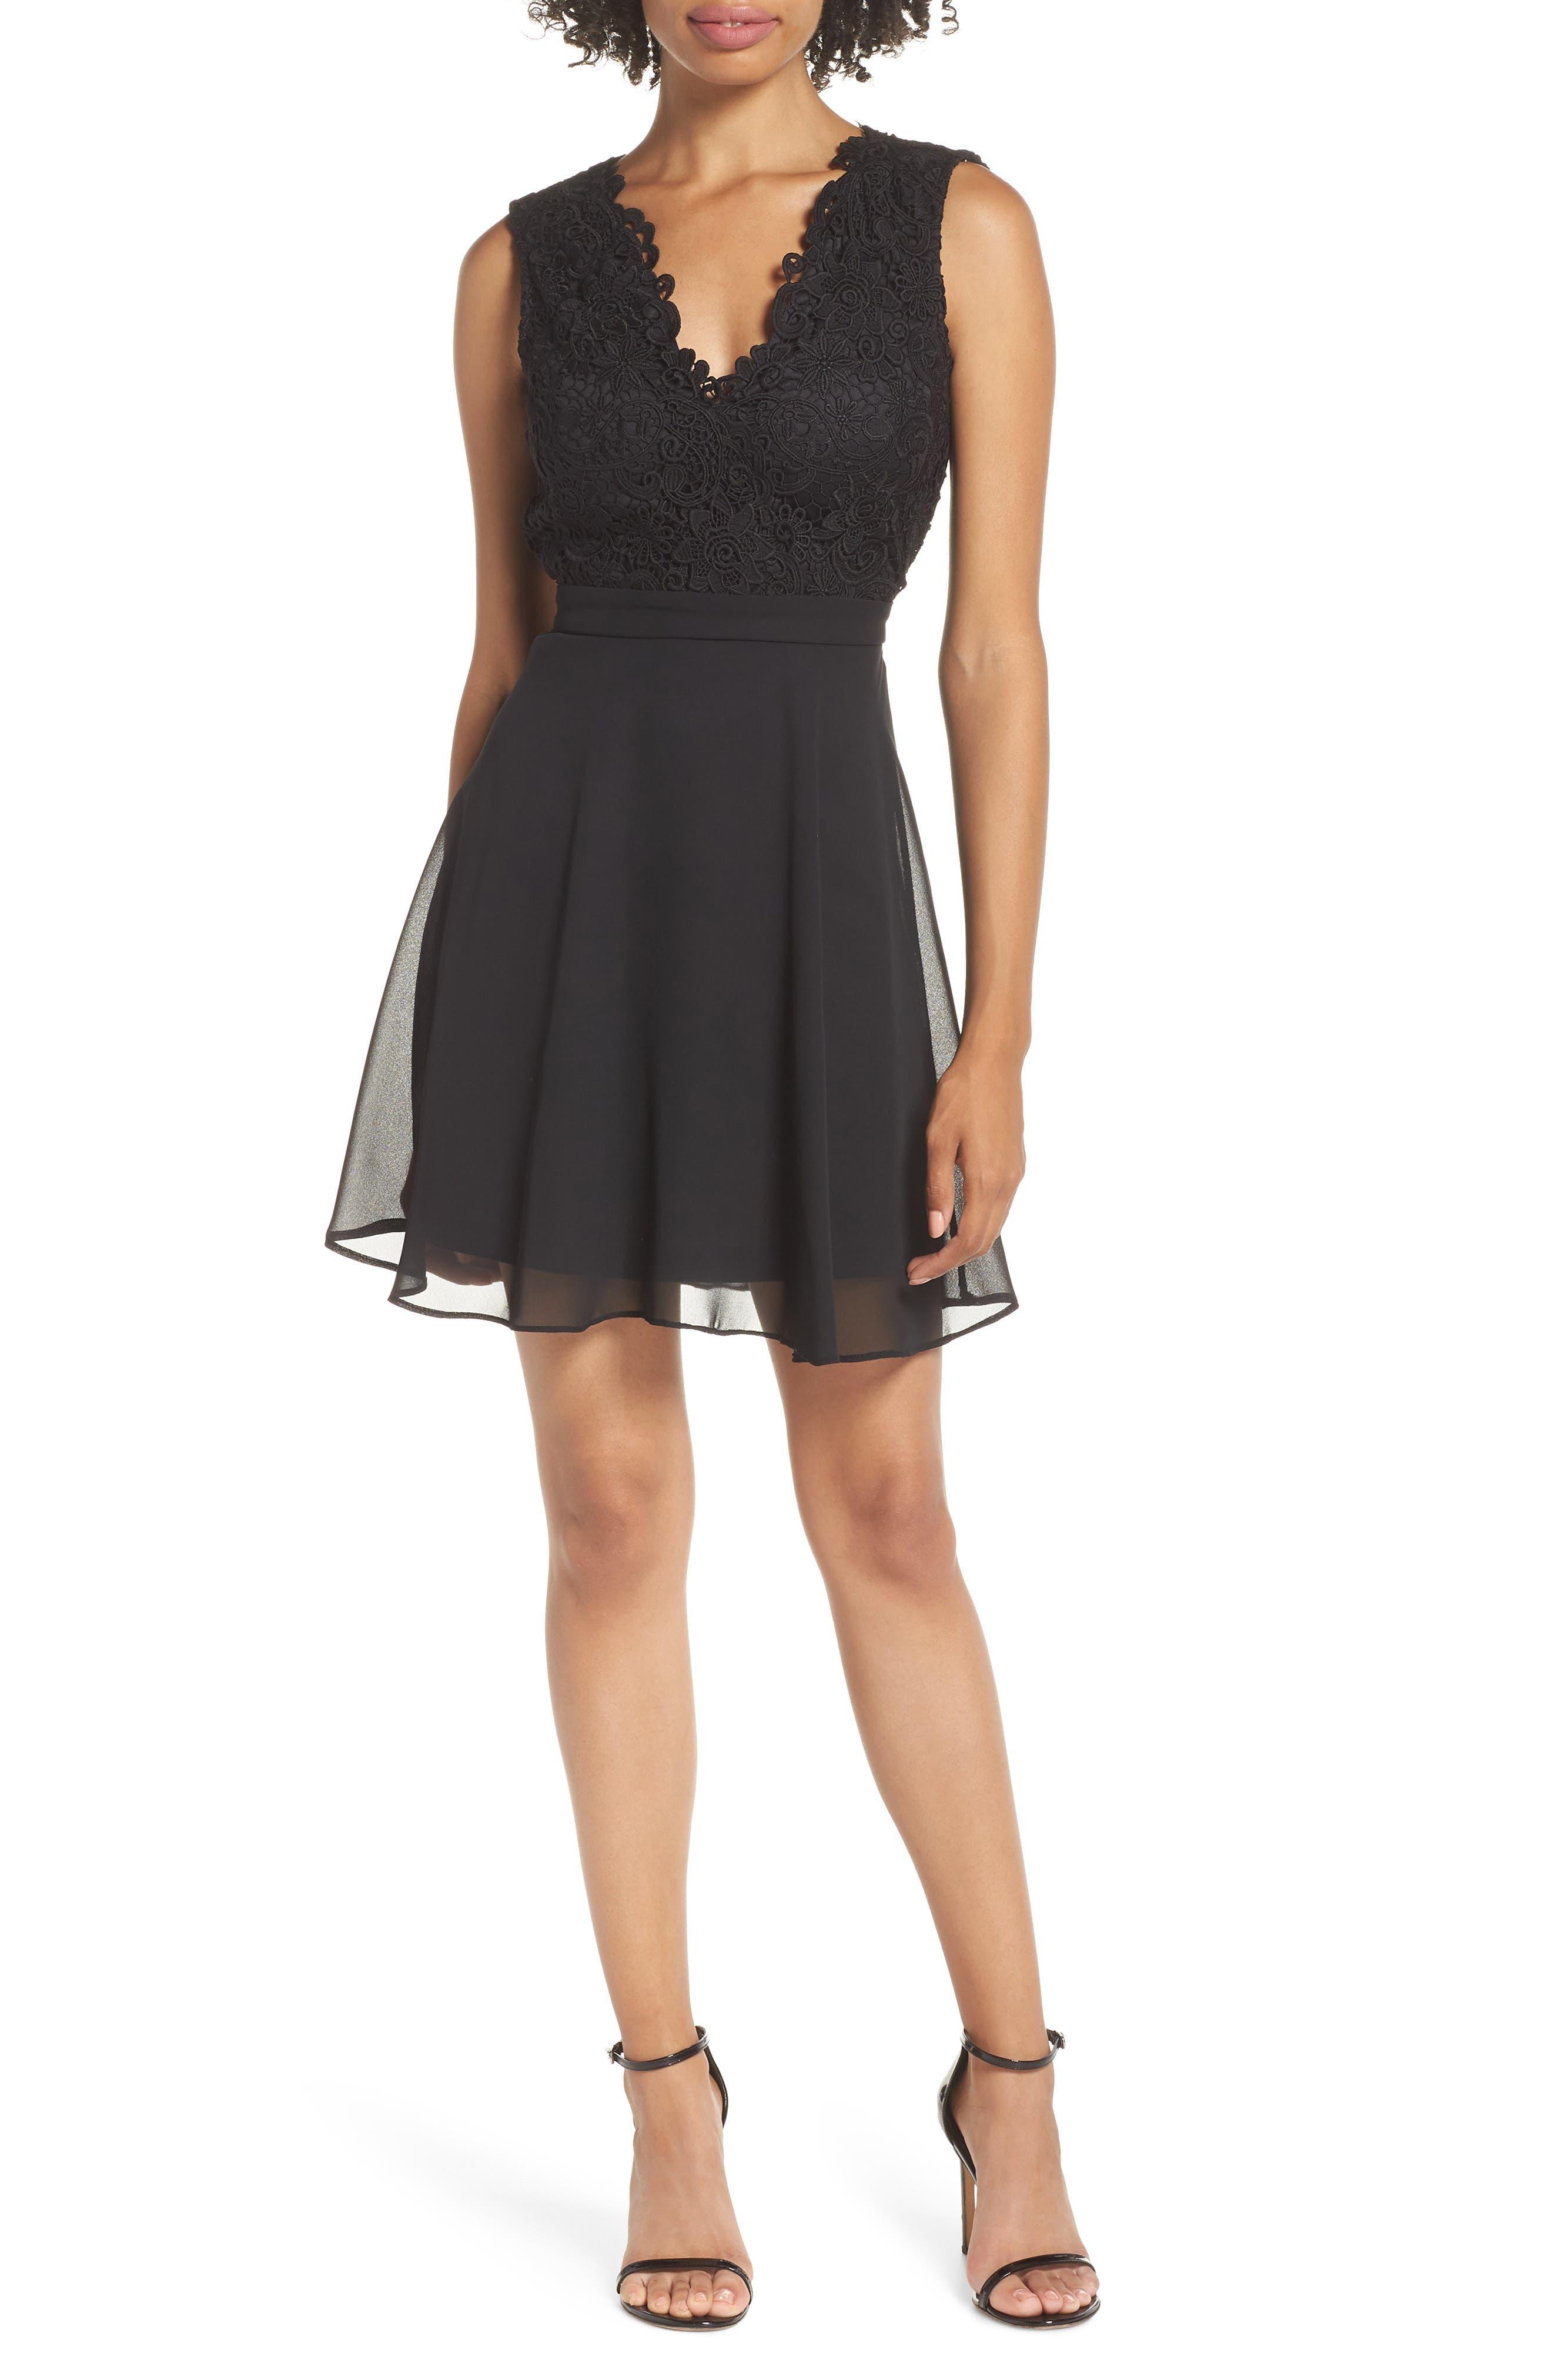 Lulus Lace & Chiffon Skater Dress, Black